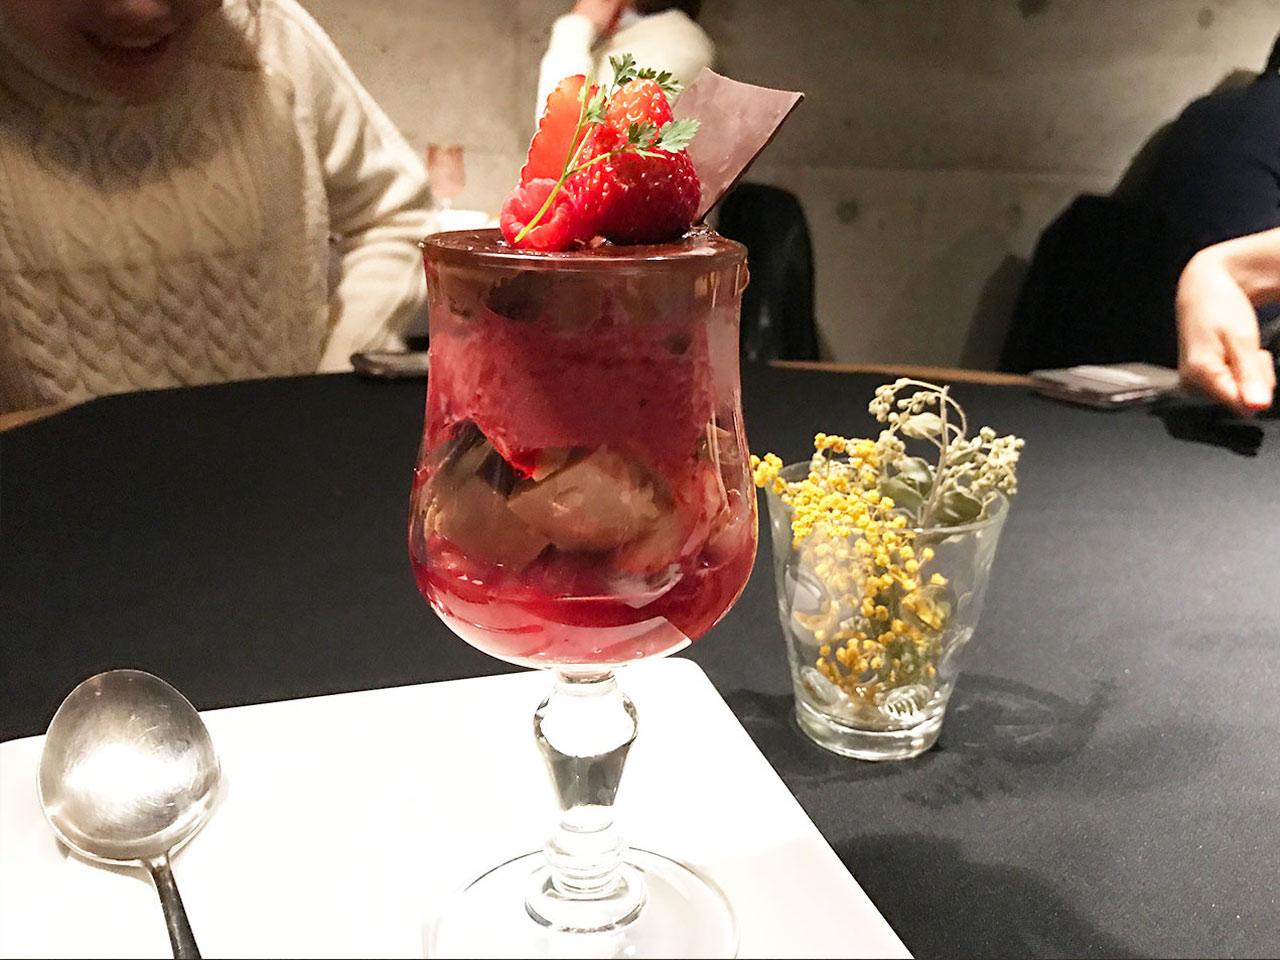 武蔵小山「ドゥボンクーフゥ」のフランス産チョコレートとベリーのパフェ